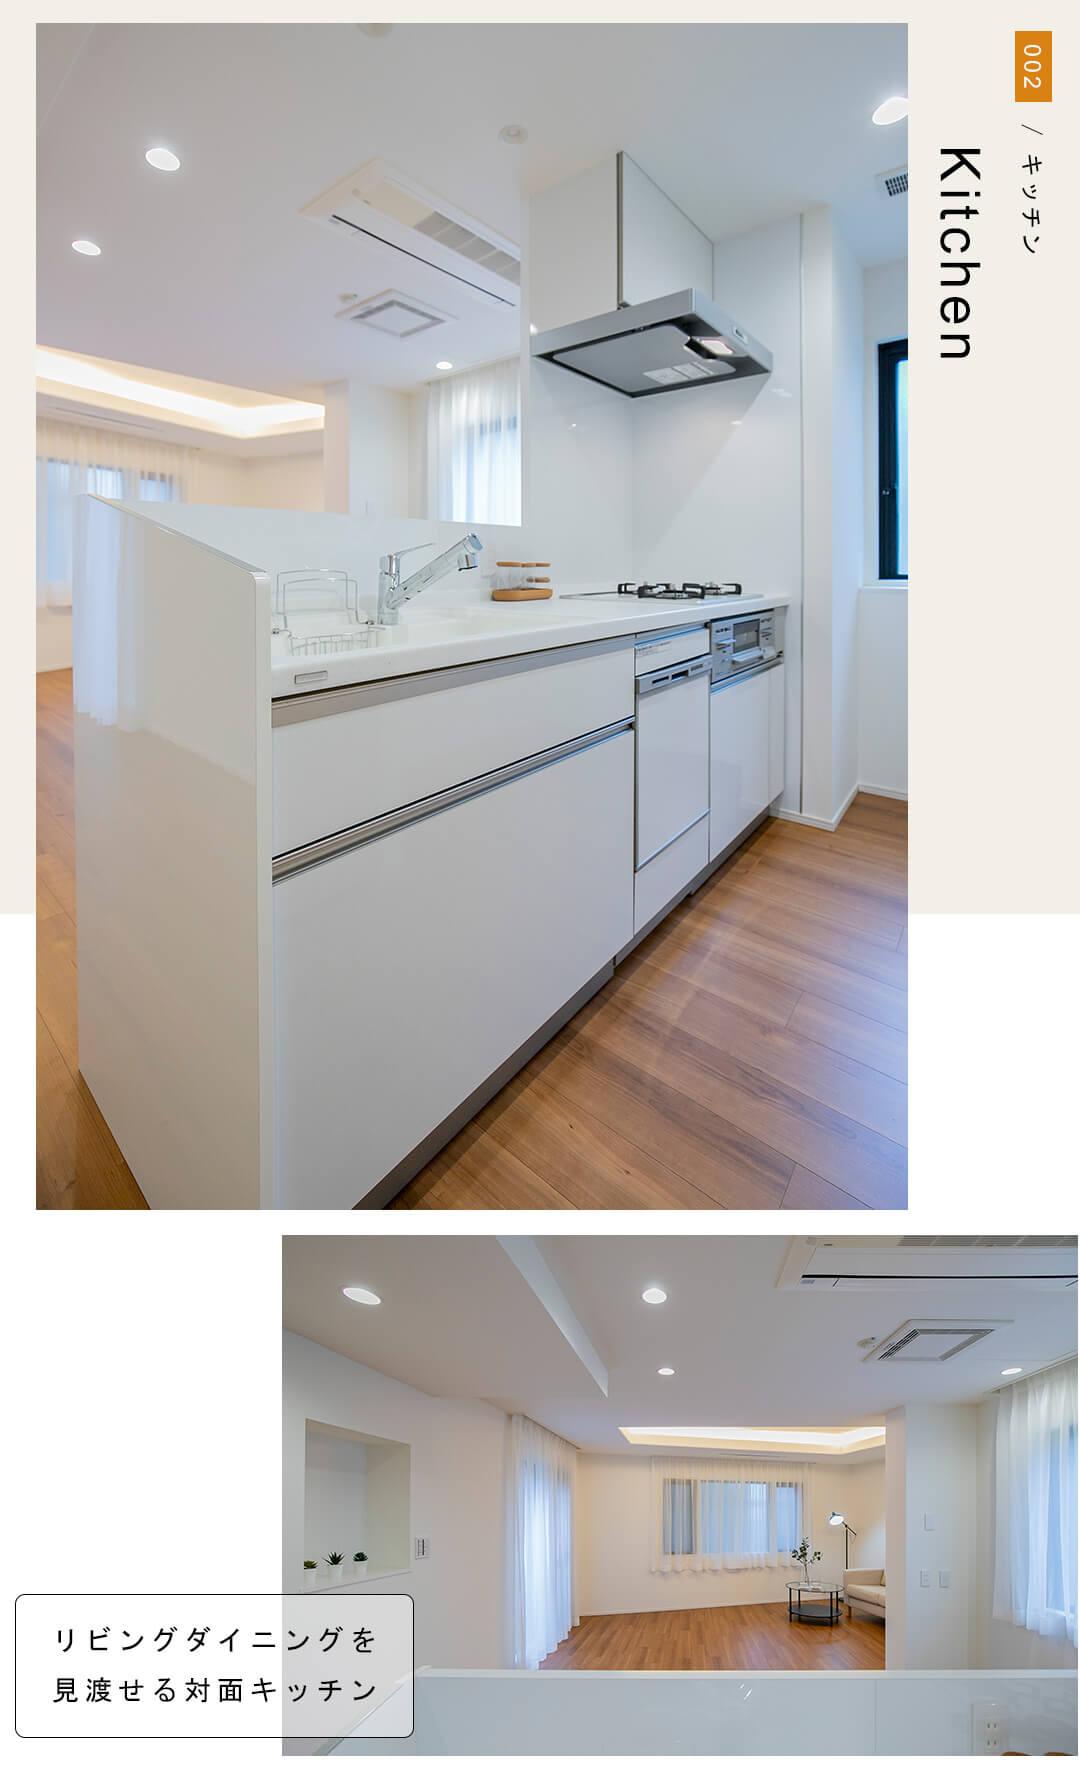 コスモセシオン目黒のキッチン